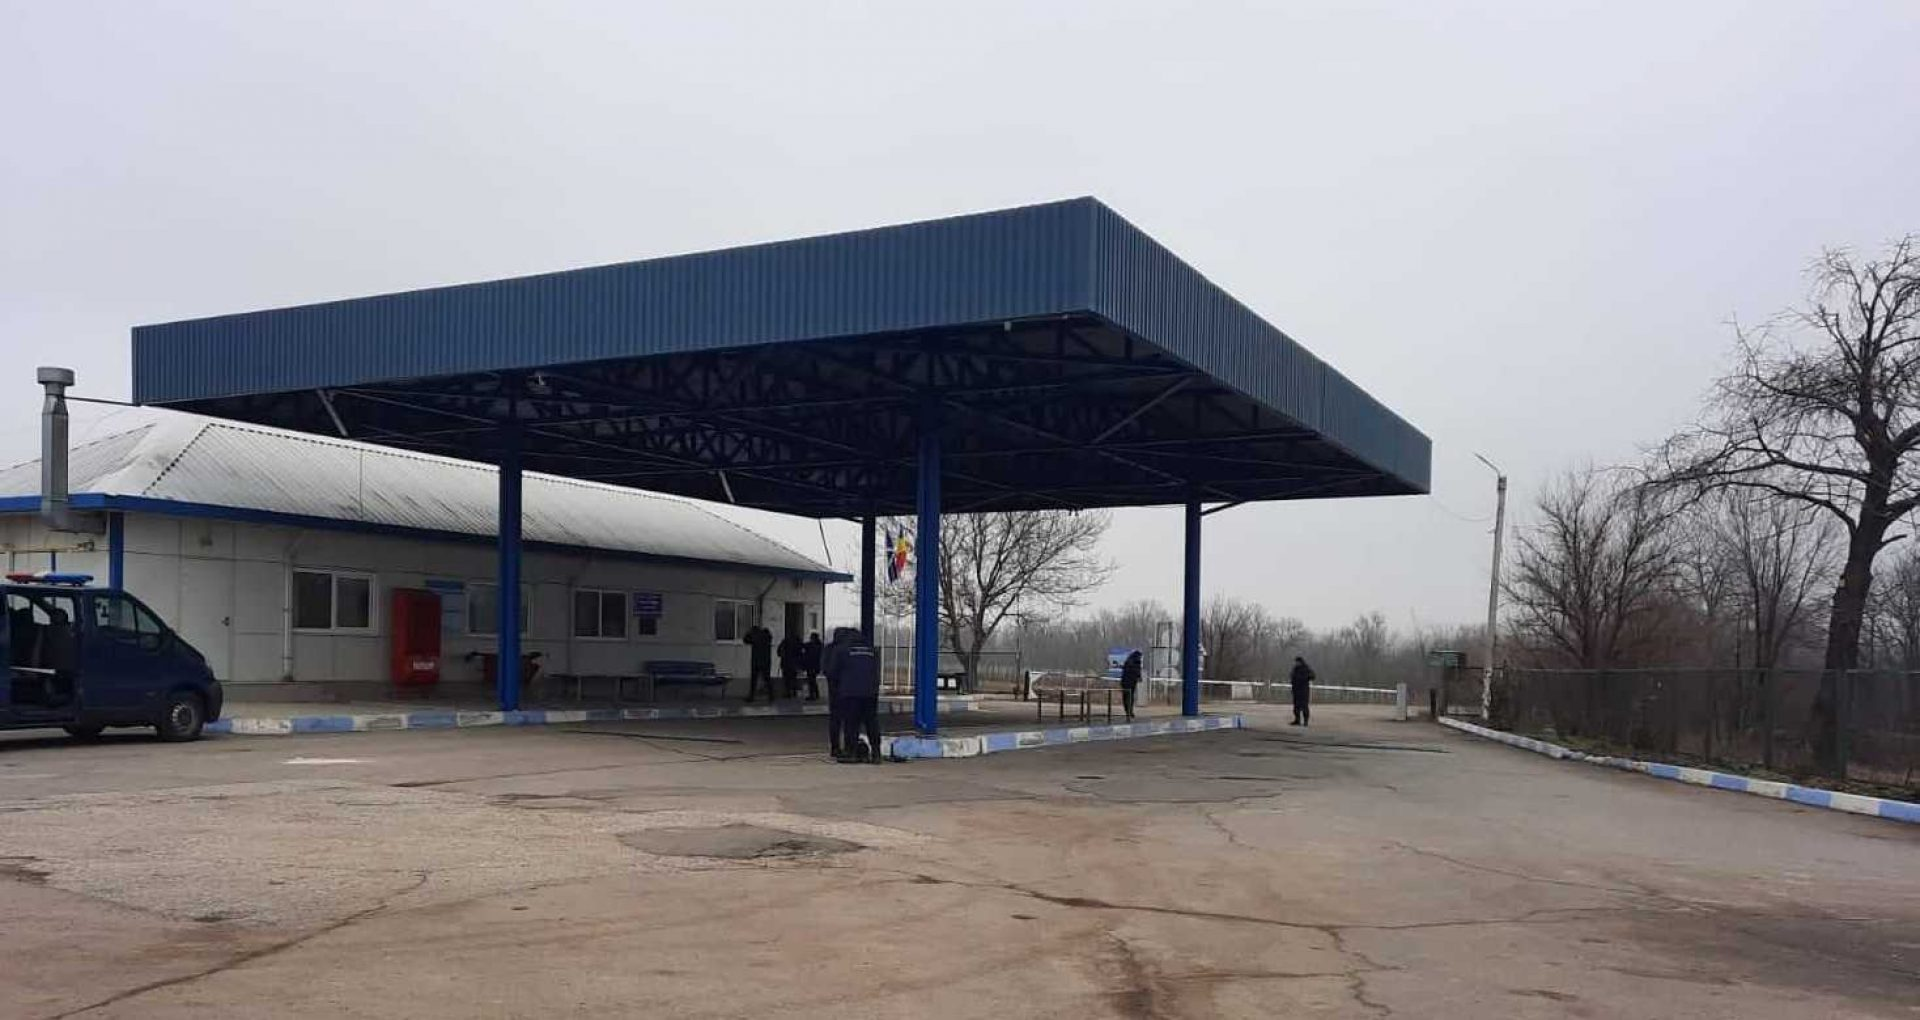 După 11 luni de inactivitate, punctul de trecere a frontierei Vulcăneşti-Vinogradovka își reia activitatea